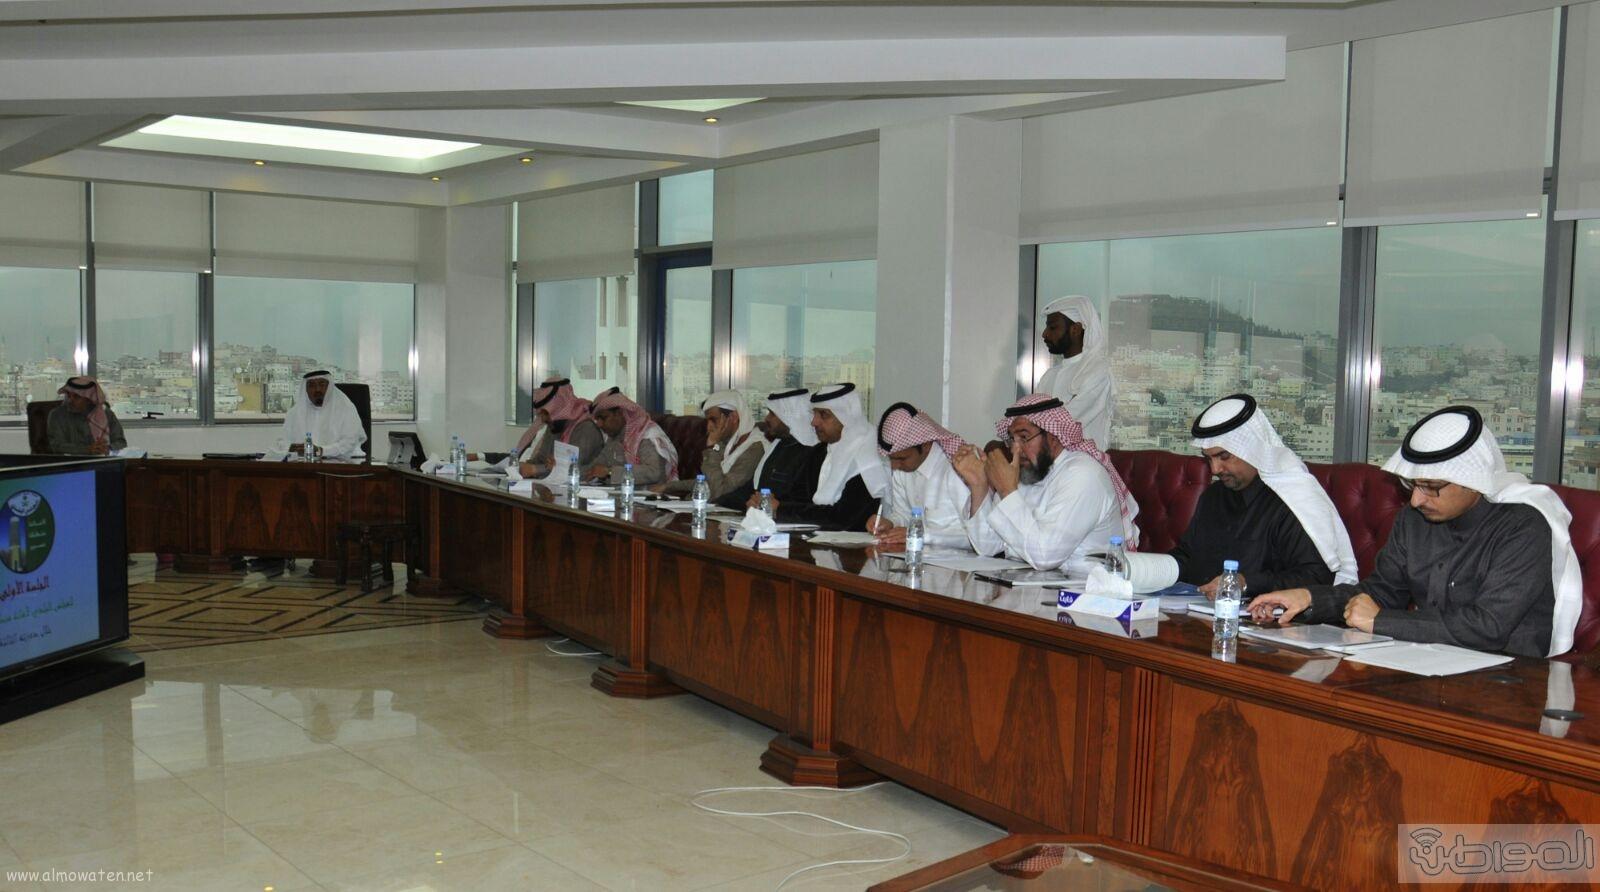 مصطفي بن عزيز رئيسا للمجلس البلدي بابها (2)